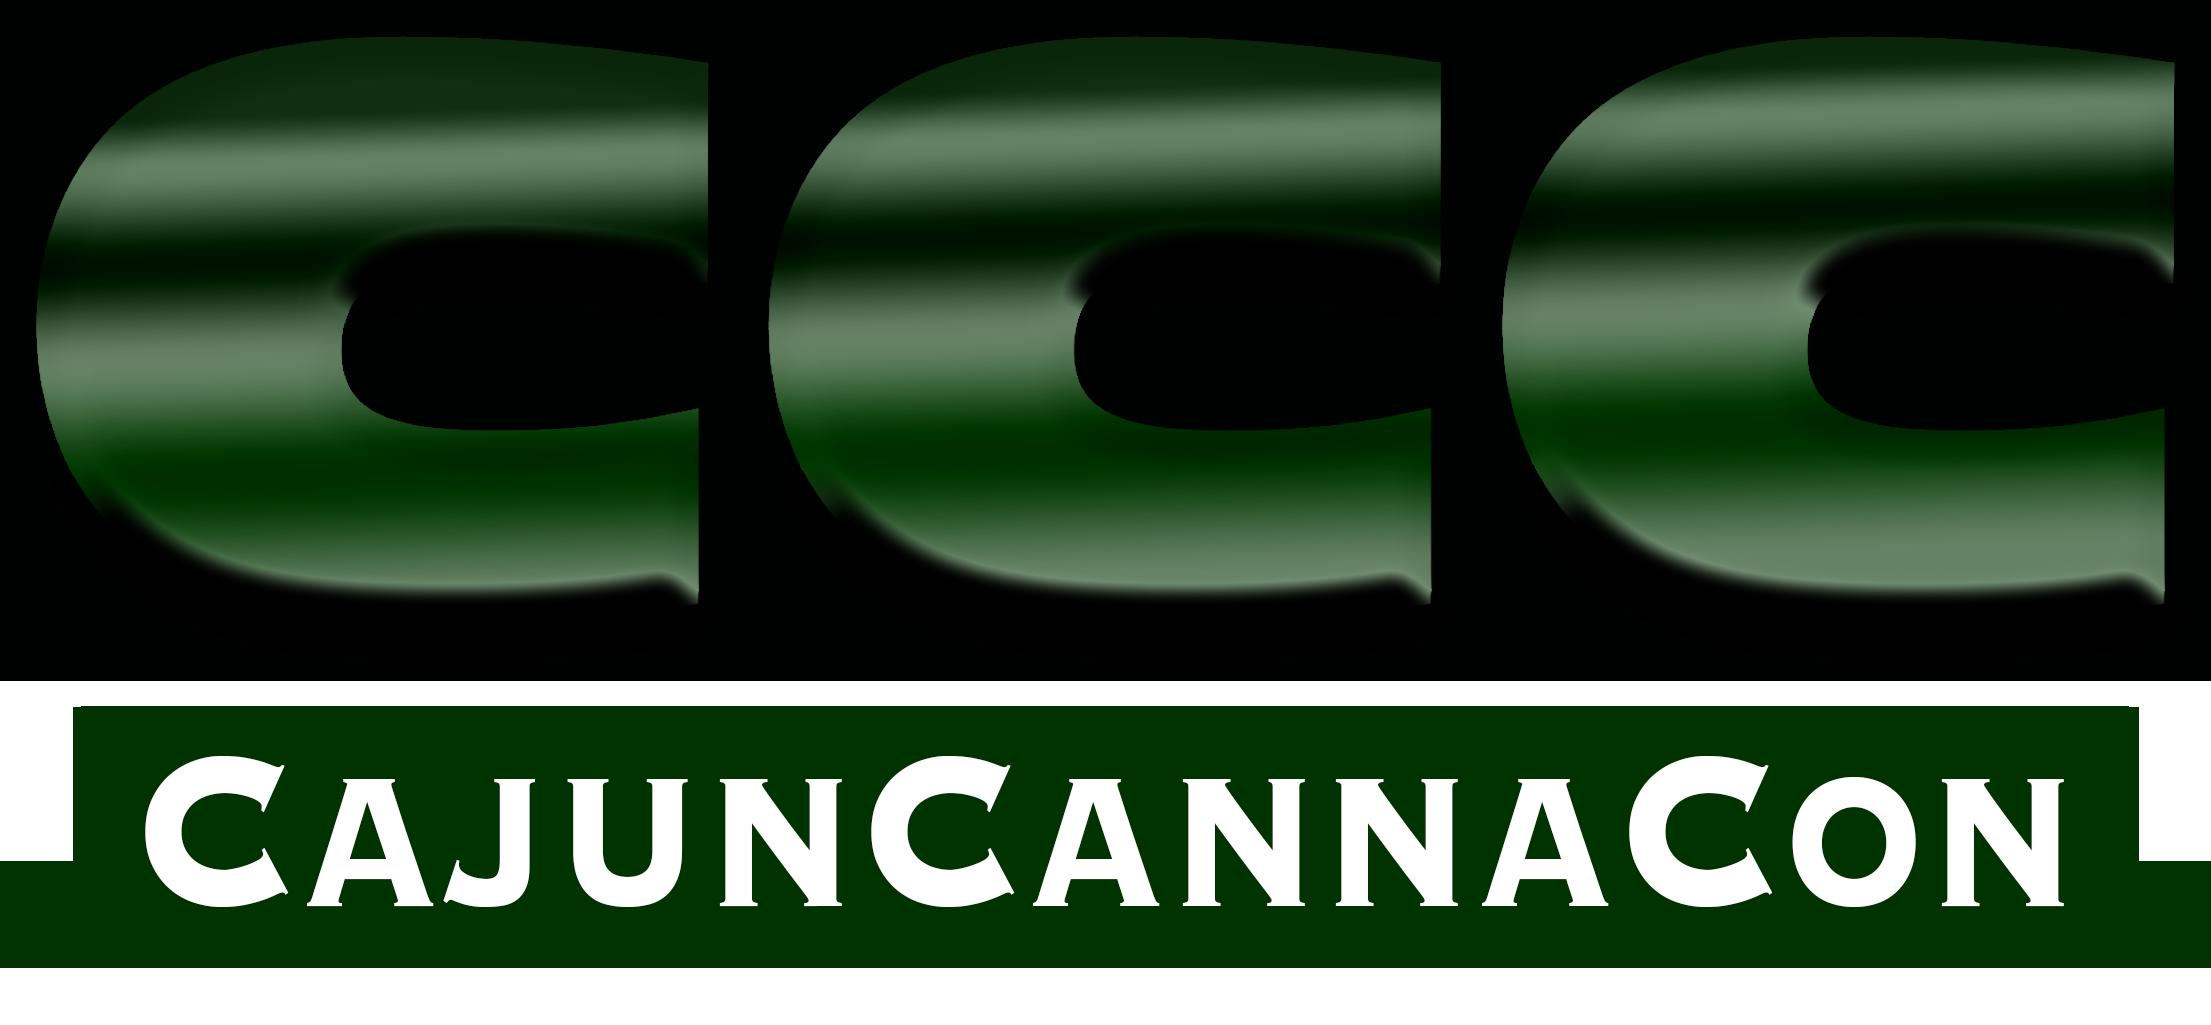 Cajun CannaCon logo